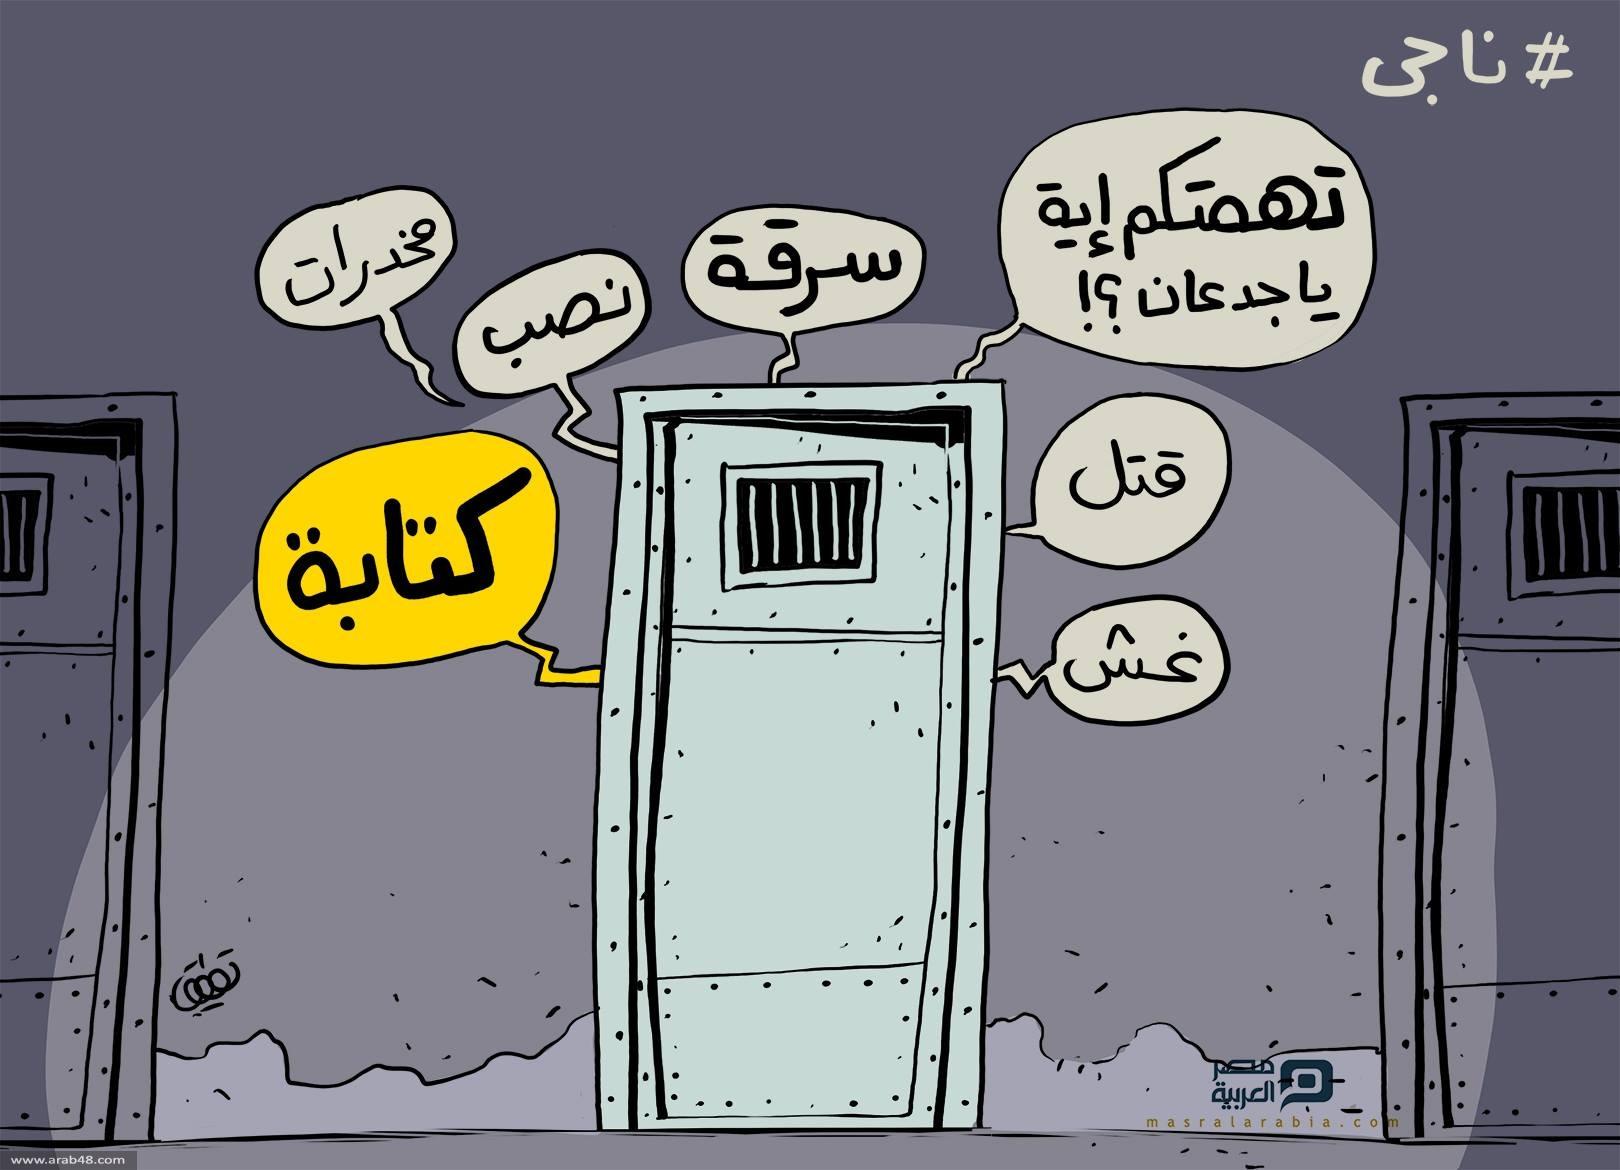 فنانون مصريون: معا لخدش الحياء العام (صور)